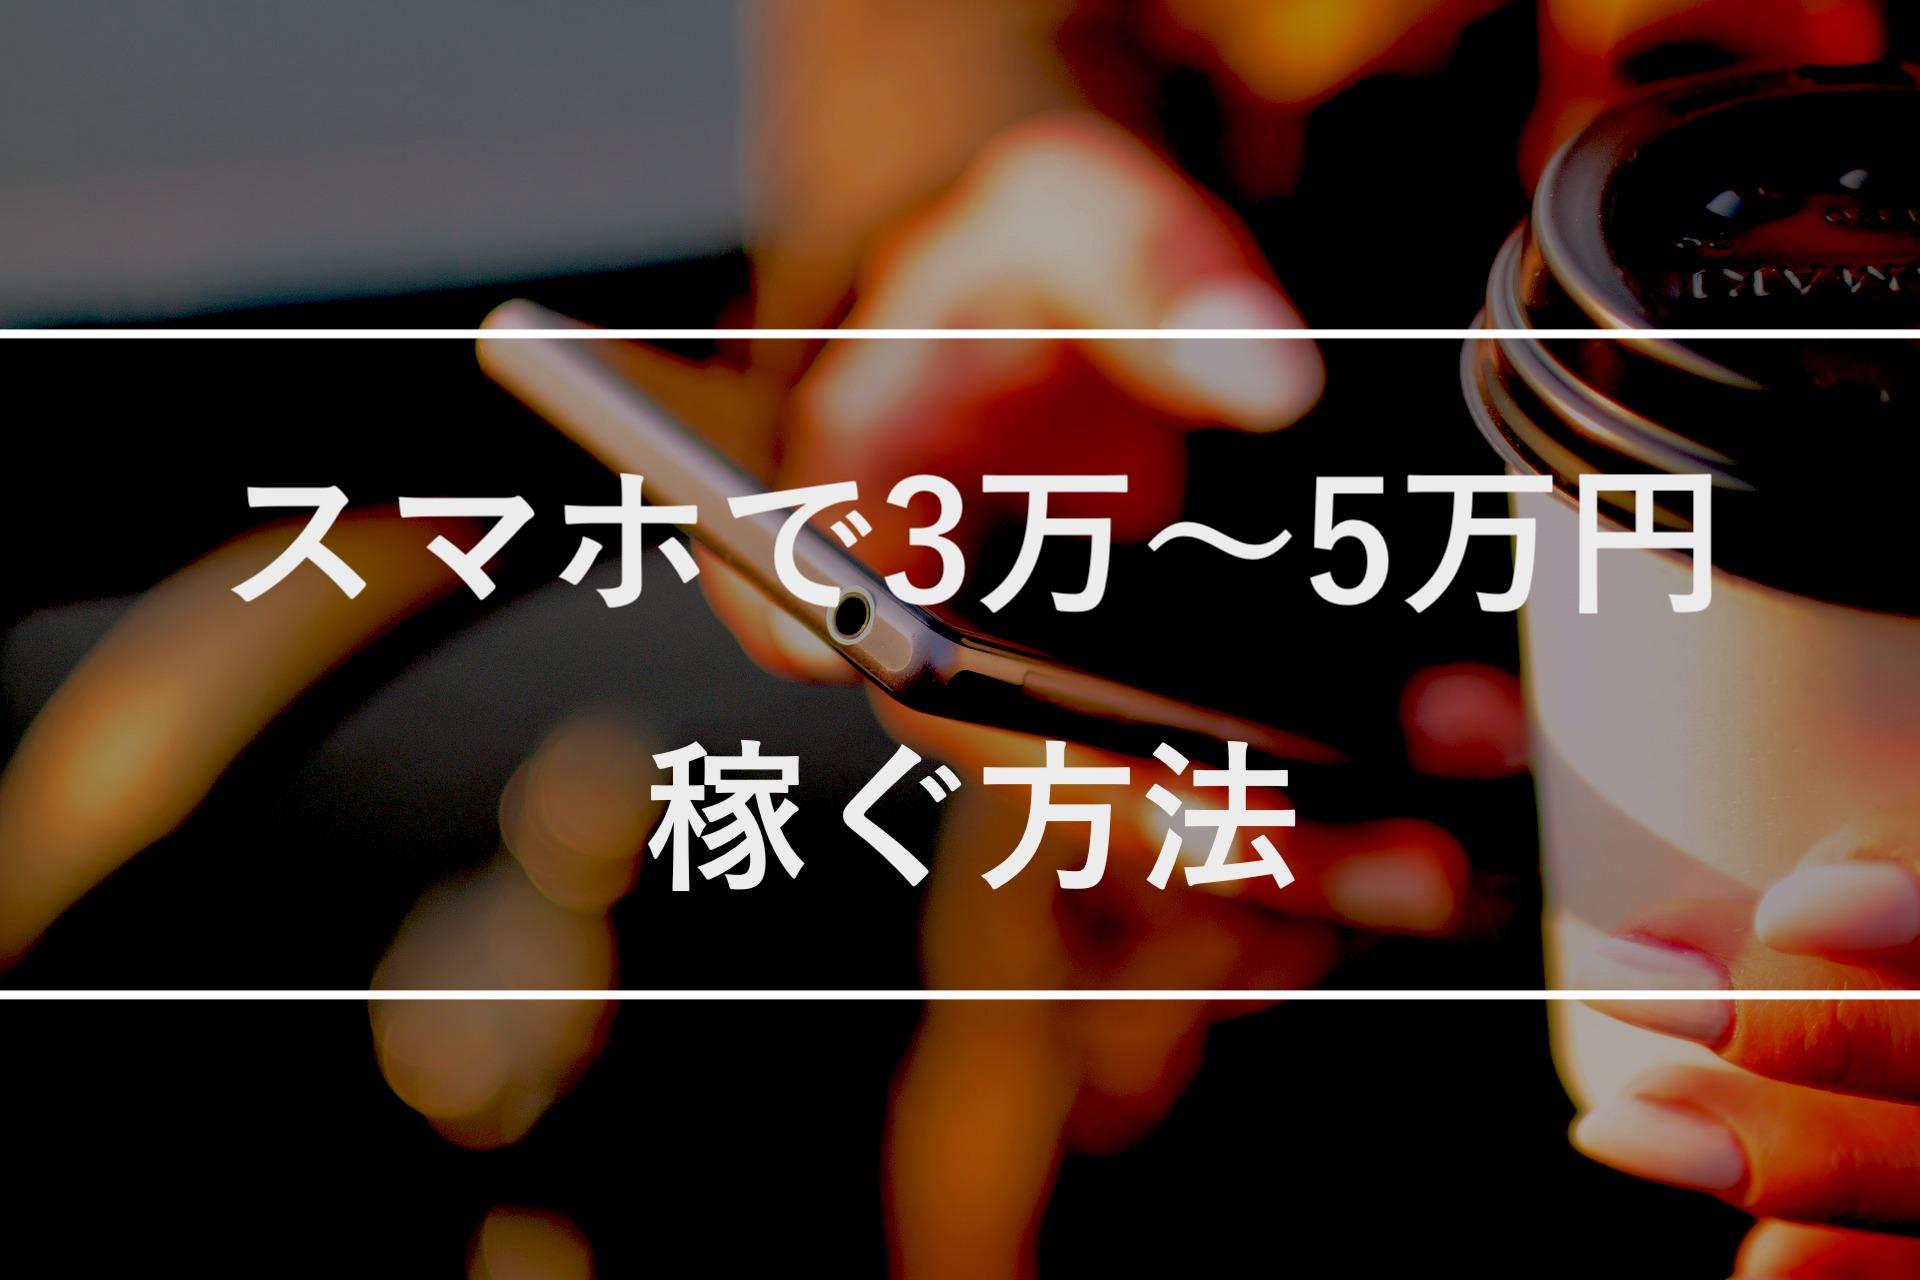 【誰でも簡単】スマホで3万〜5万円を稼ぐ方法